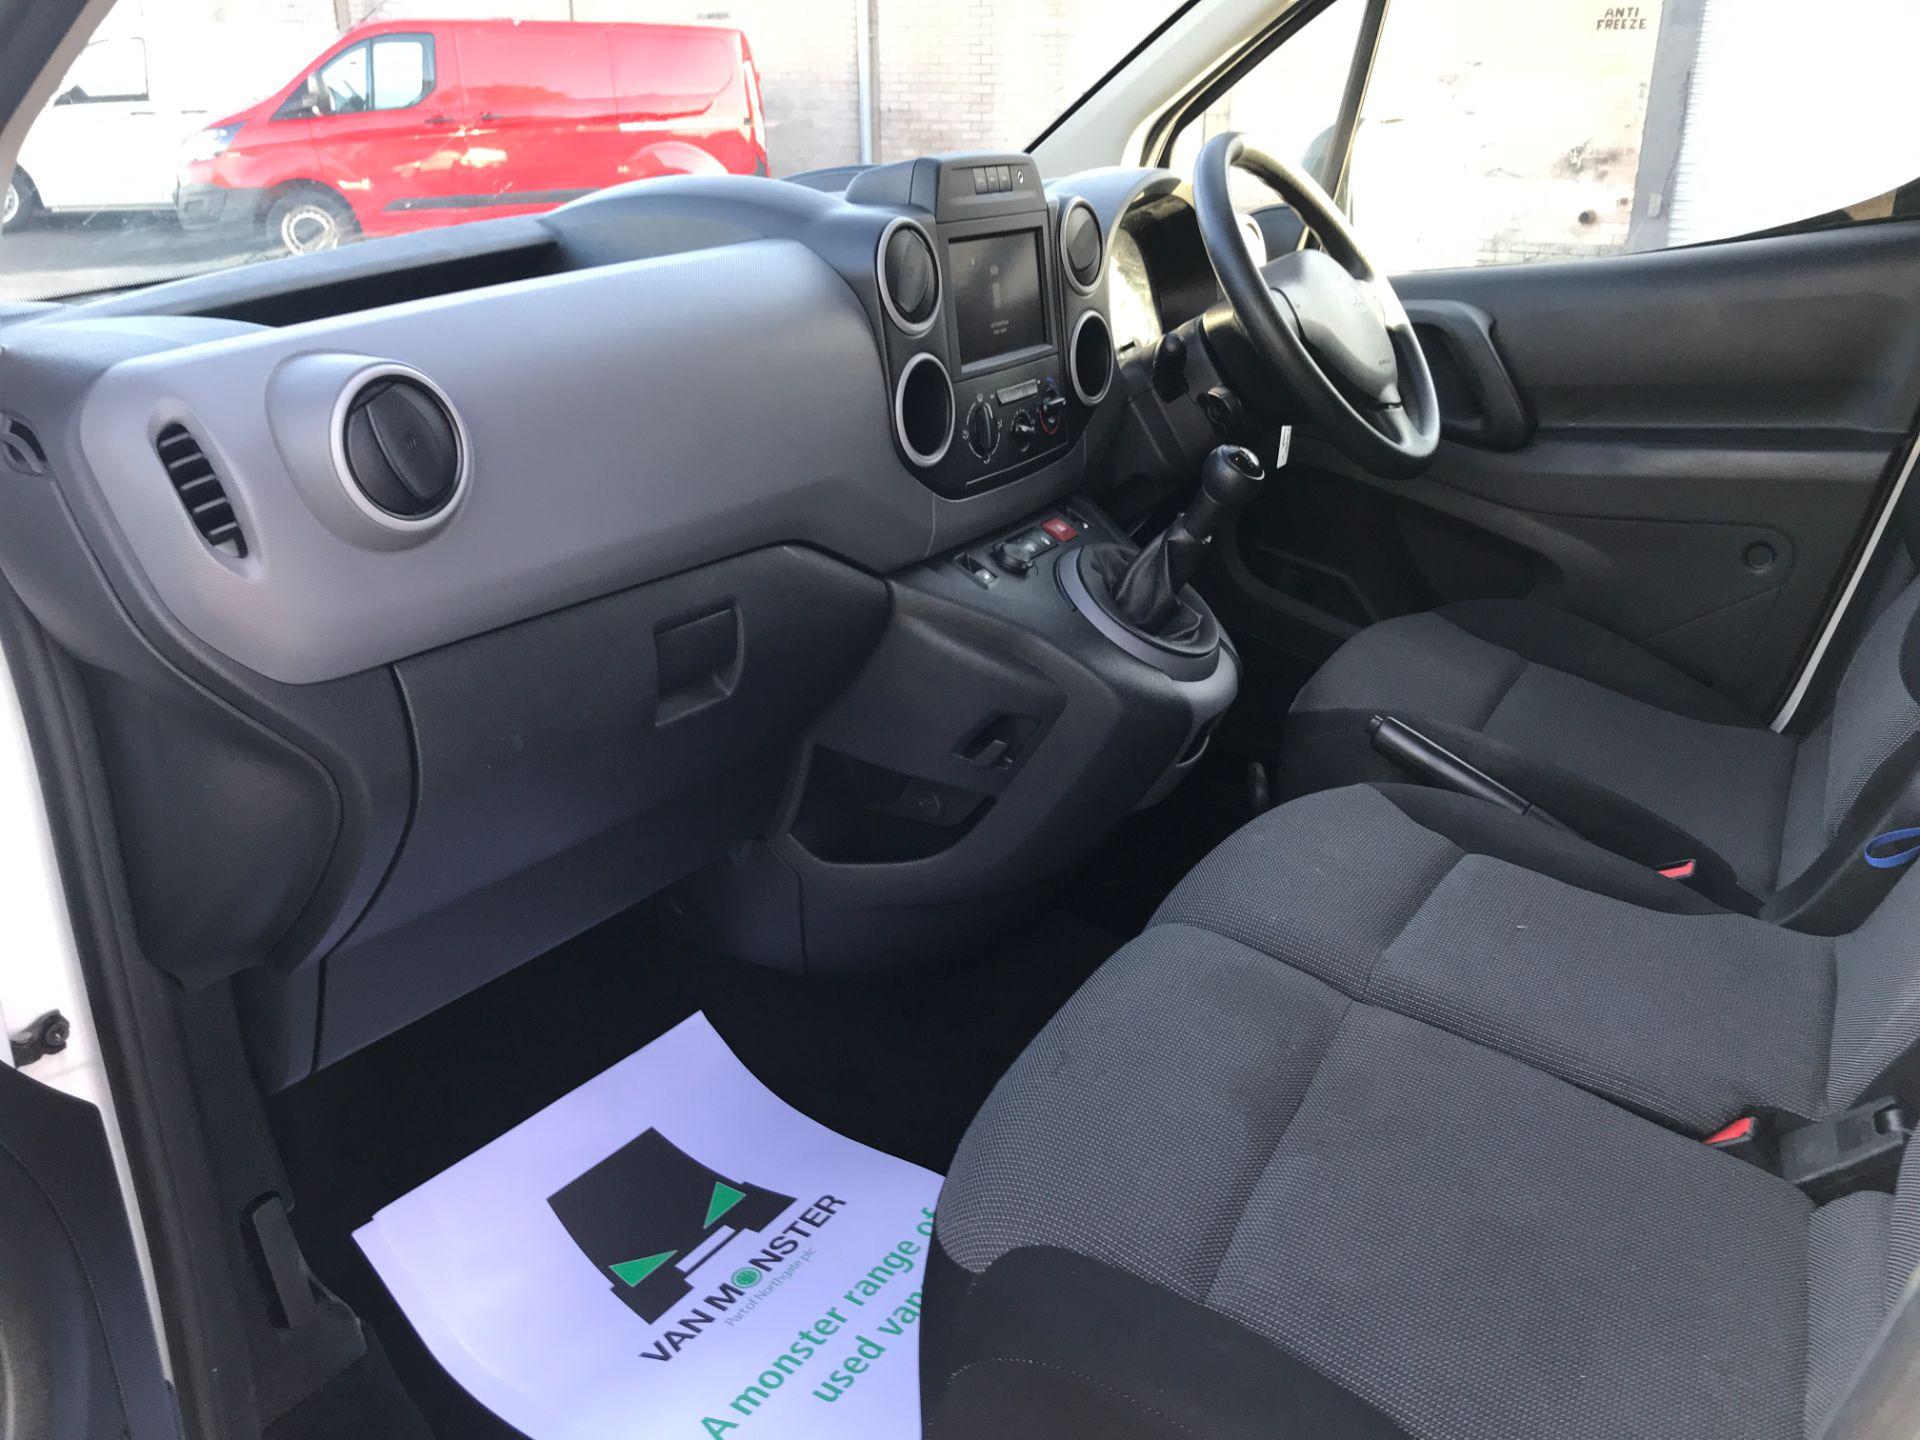 2017 Peugeot Partner L1 850 1.6BLUEHDI 100PS PROFESSIONAL EURO 6 (NV17DVK) Image 12